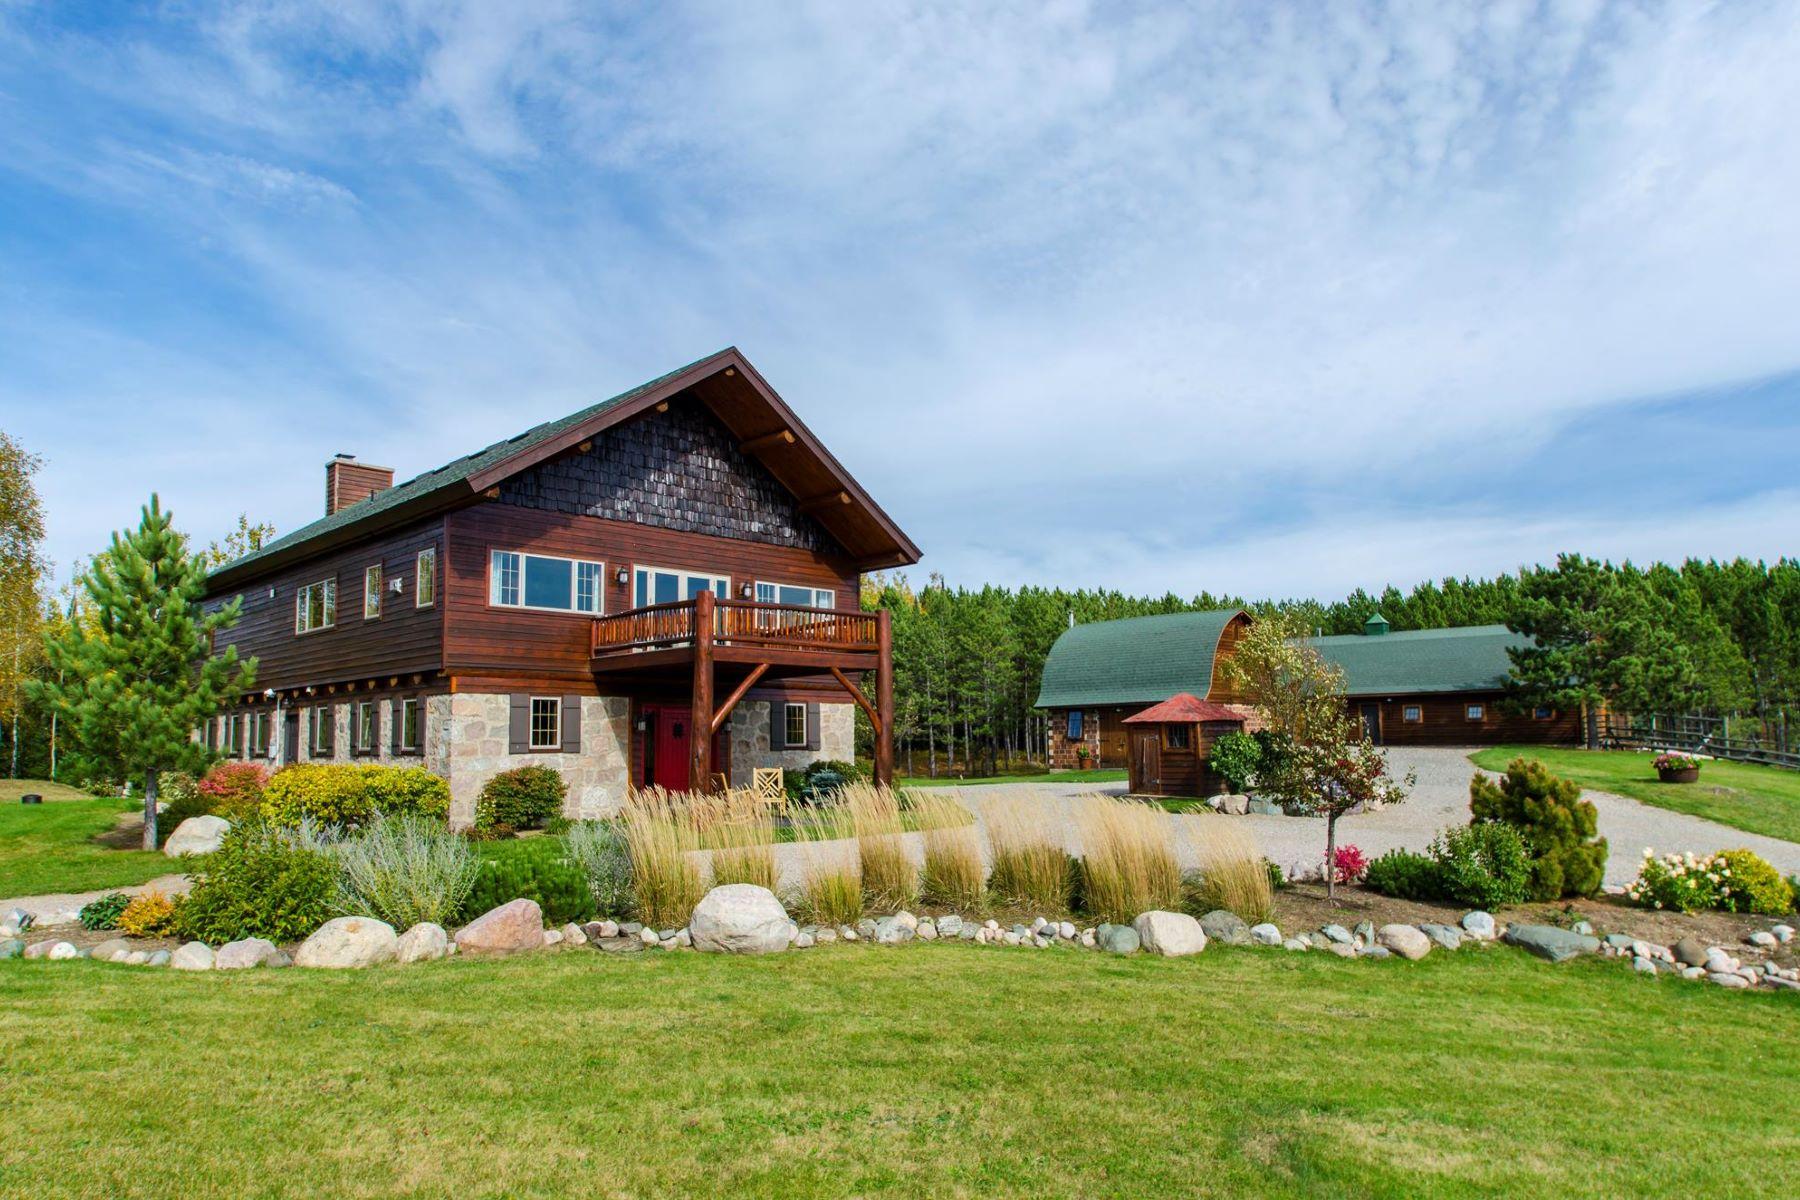 独户住宅 为 销售 在 1455 Grant McMahan Blvd 伊利, 明尼苏达州, 55731 美国